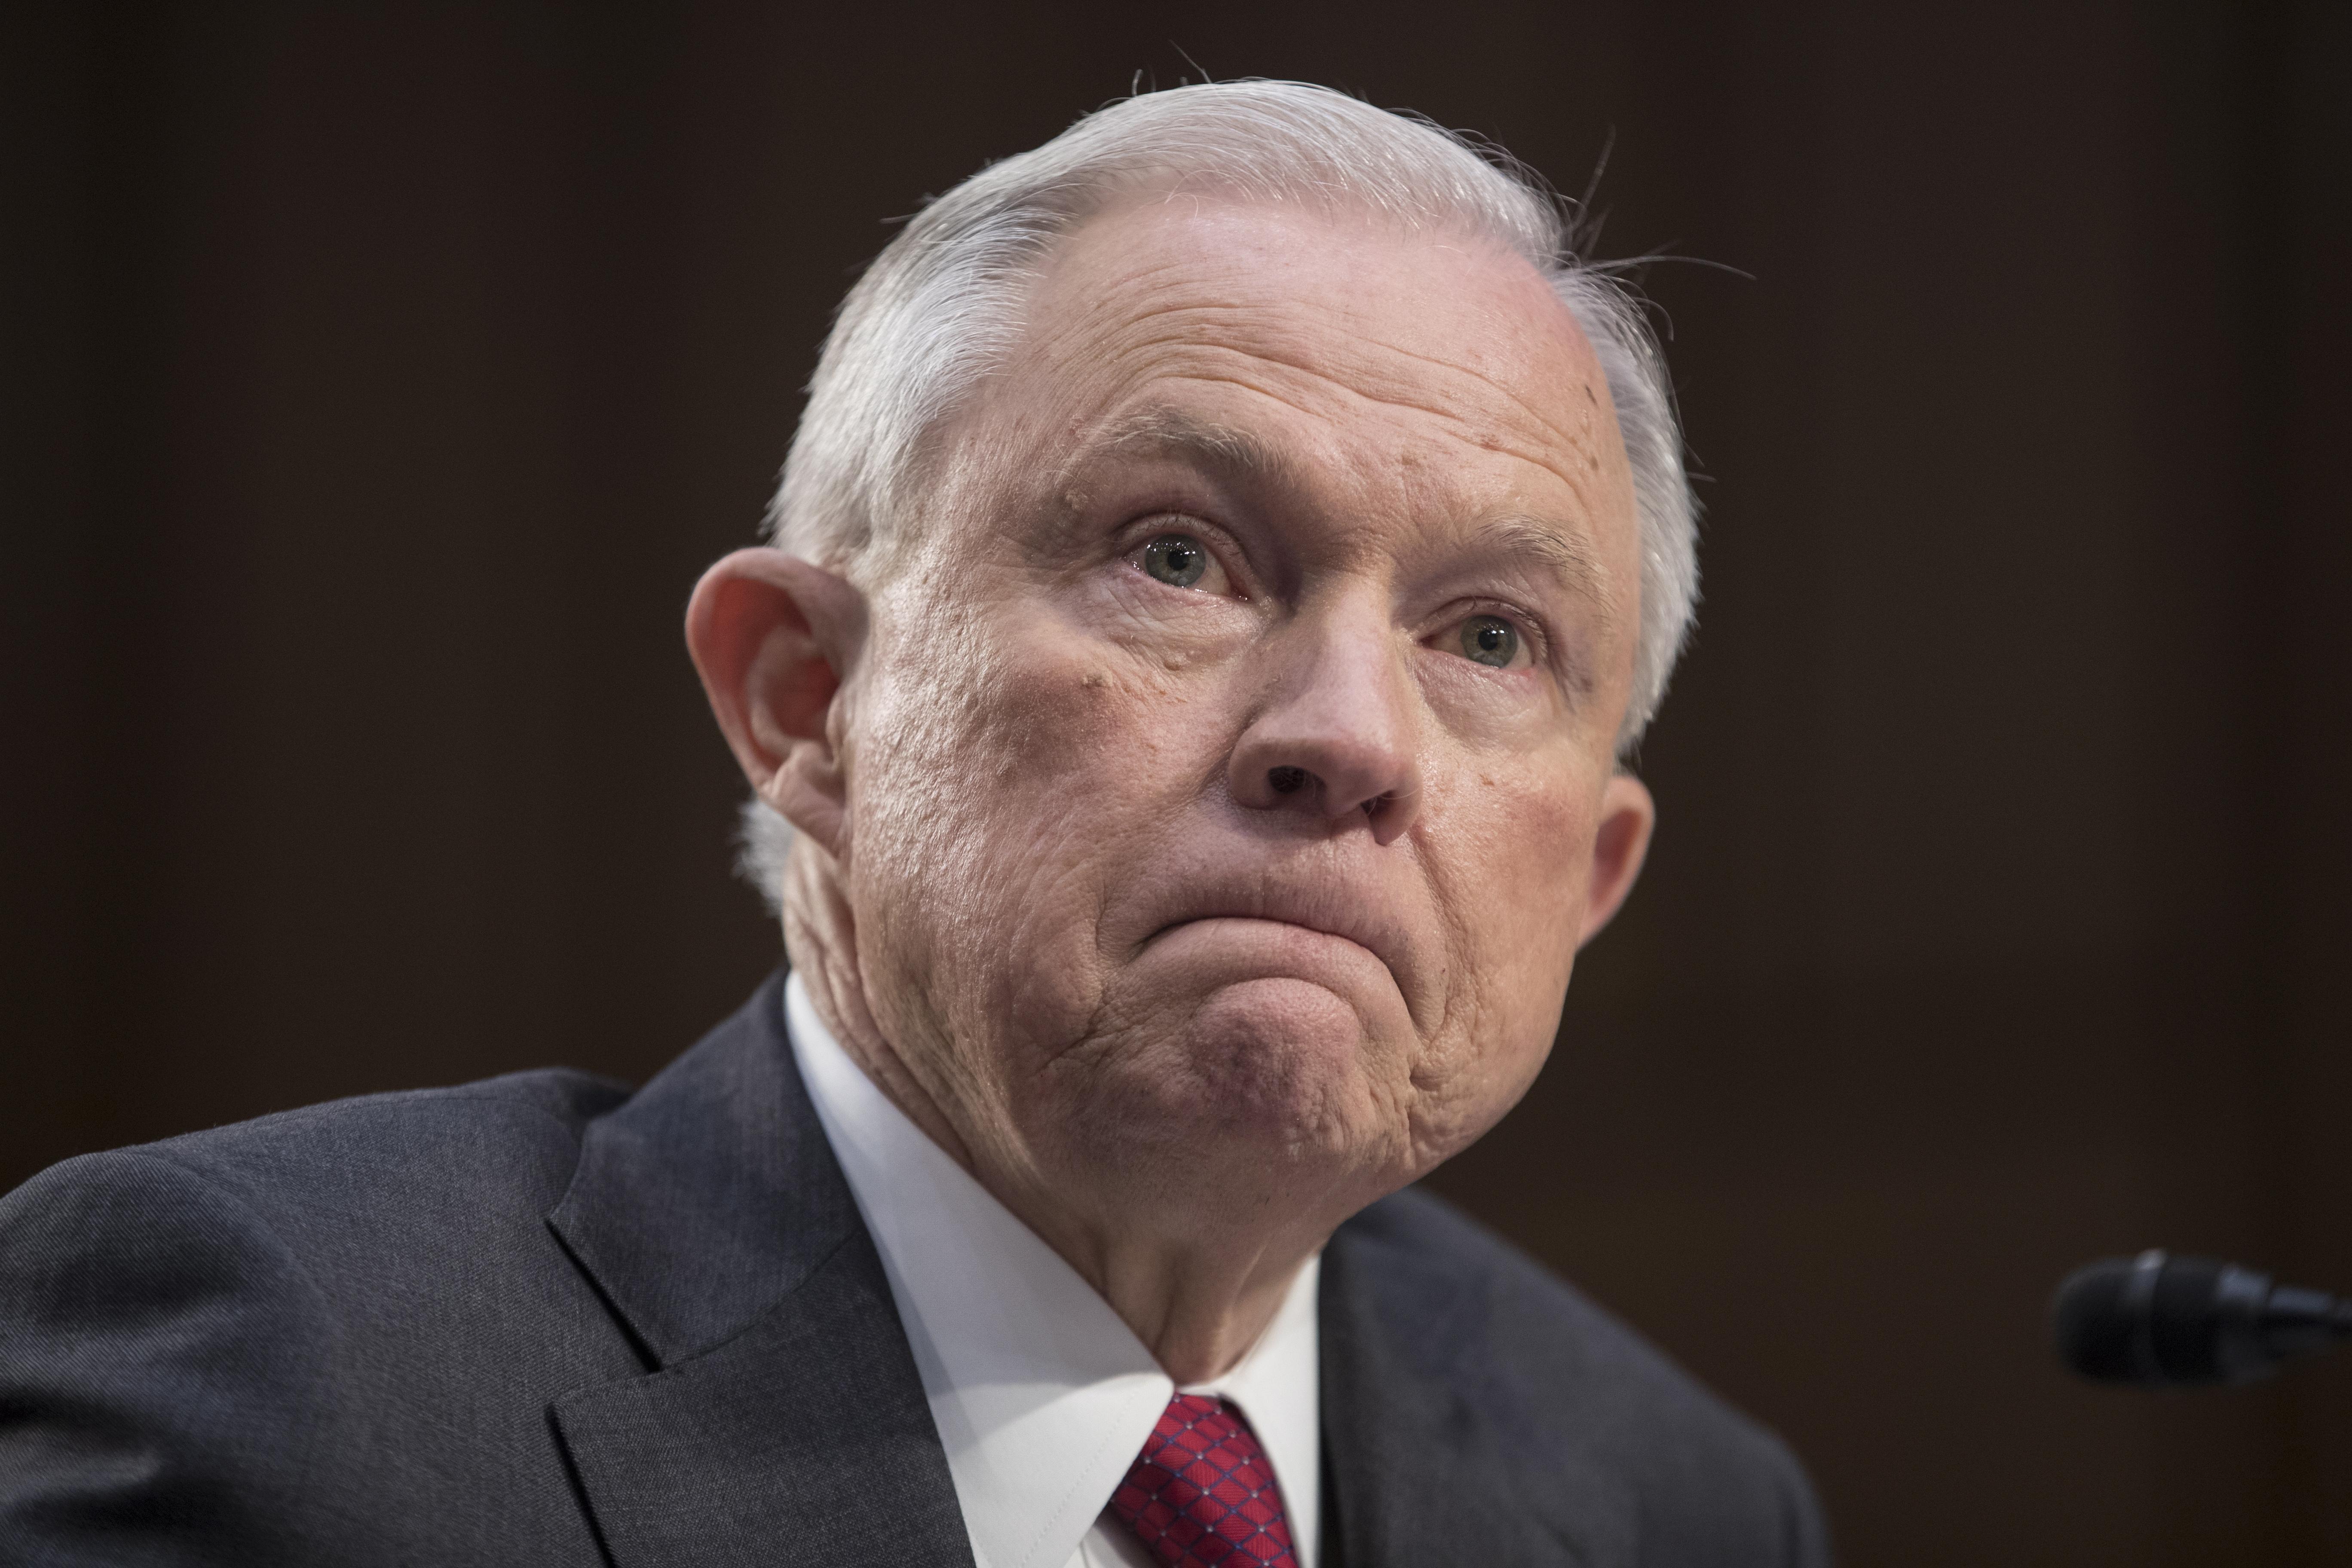 Istraga o ruskom uplitanju se nastavlja unatoč odlasku Sessionsa